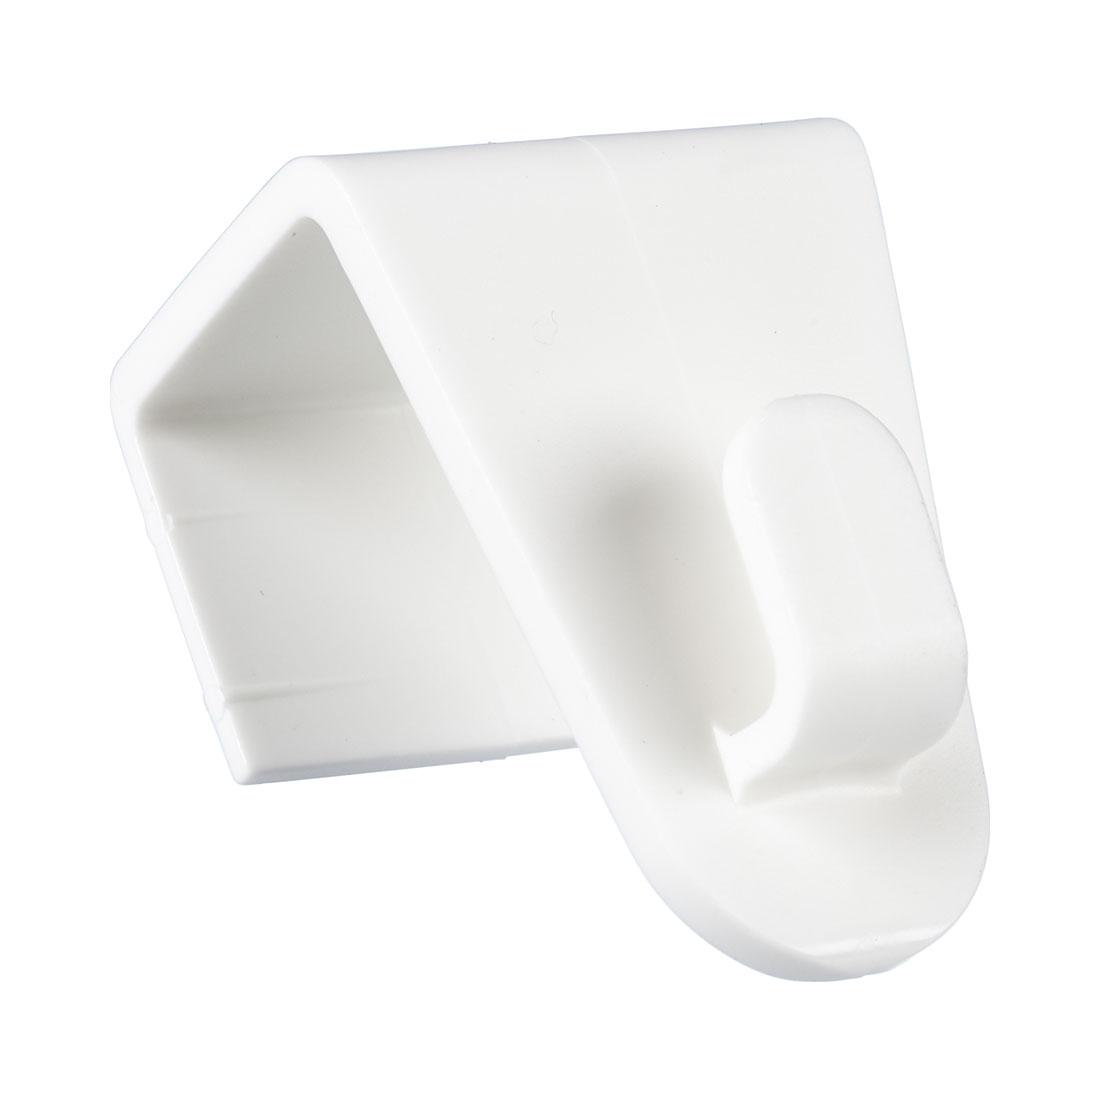 Крючки для подвешивания , 5 штук., белые [07824],